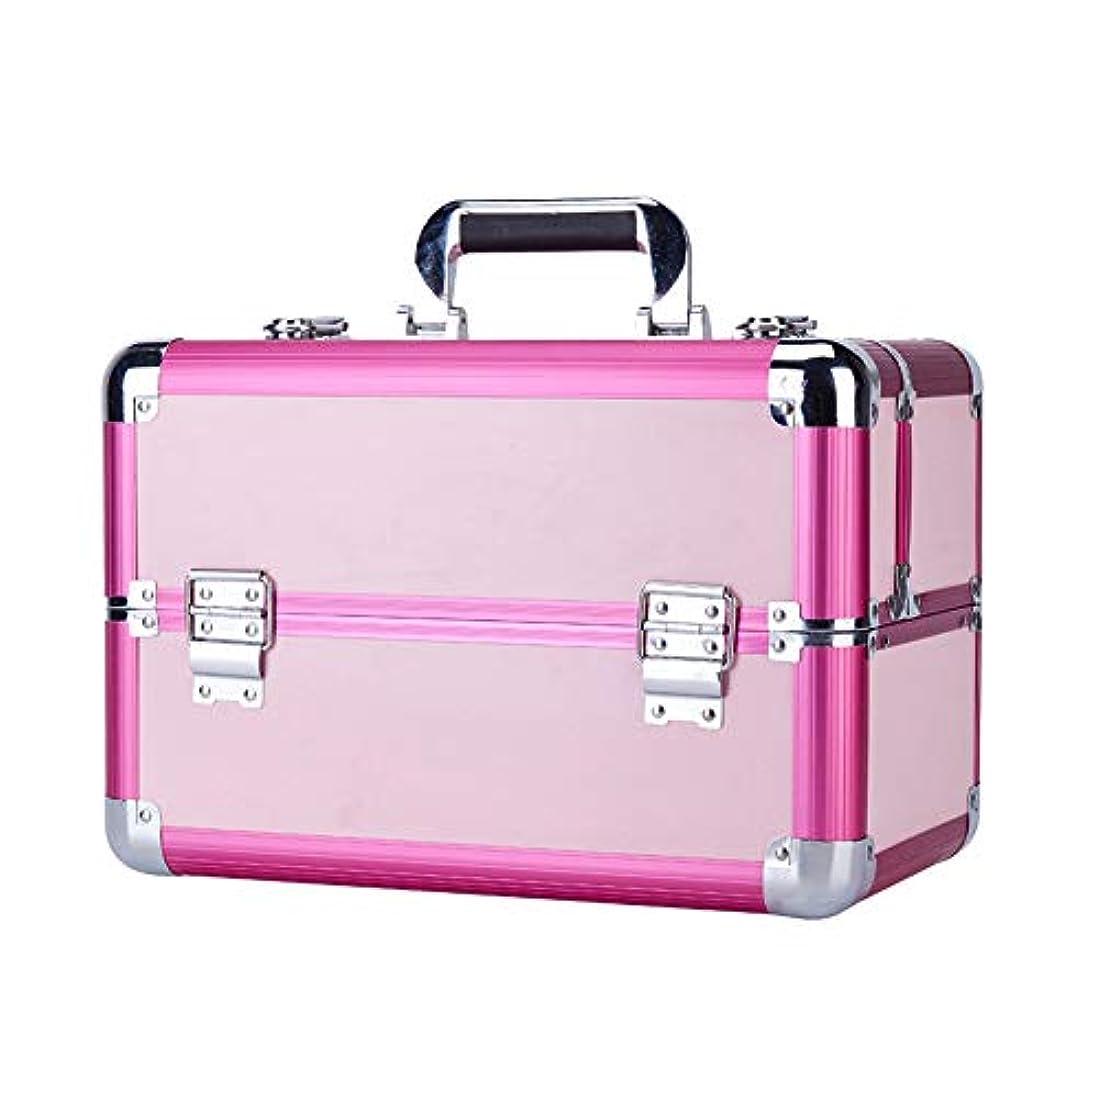 ハドル安全な男性特大スペース収納ビューティーボックス 美の構造のためそしてジッパーおよび折る皿が付いている女の子の女性旅行そして毎日の貯蔵のための高容量の携帯用化粧品袋 化粧品化粧台 (色 : ピンク)